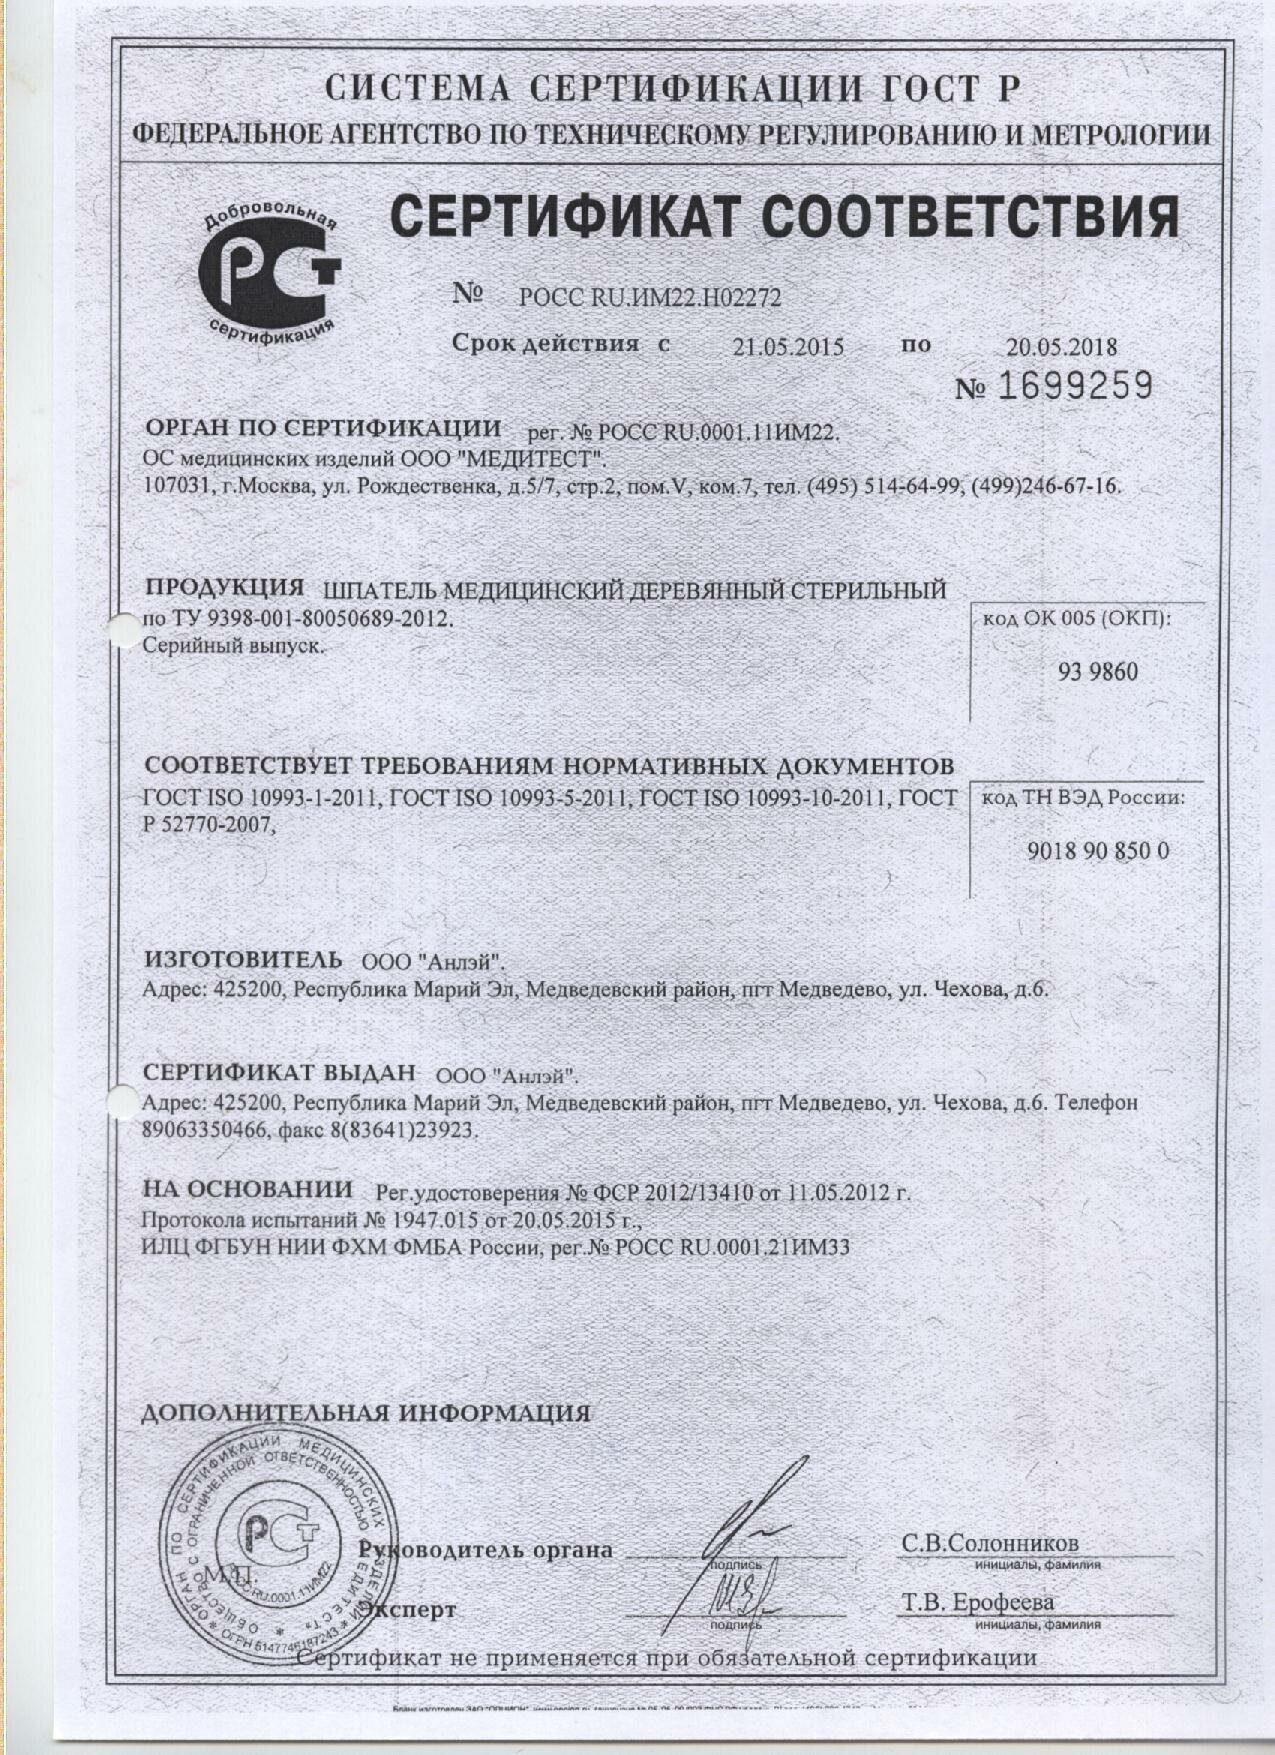 Сертификация шпателя медицинского дере сертификация hitachi storage